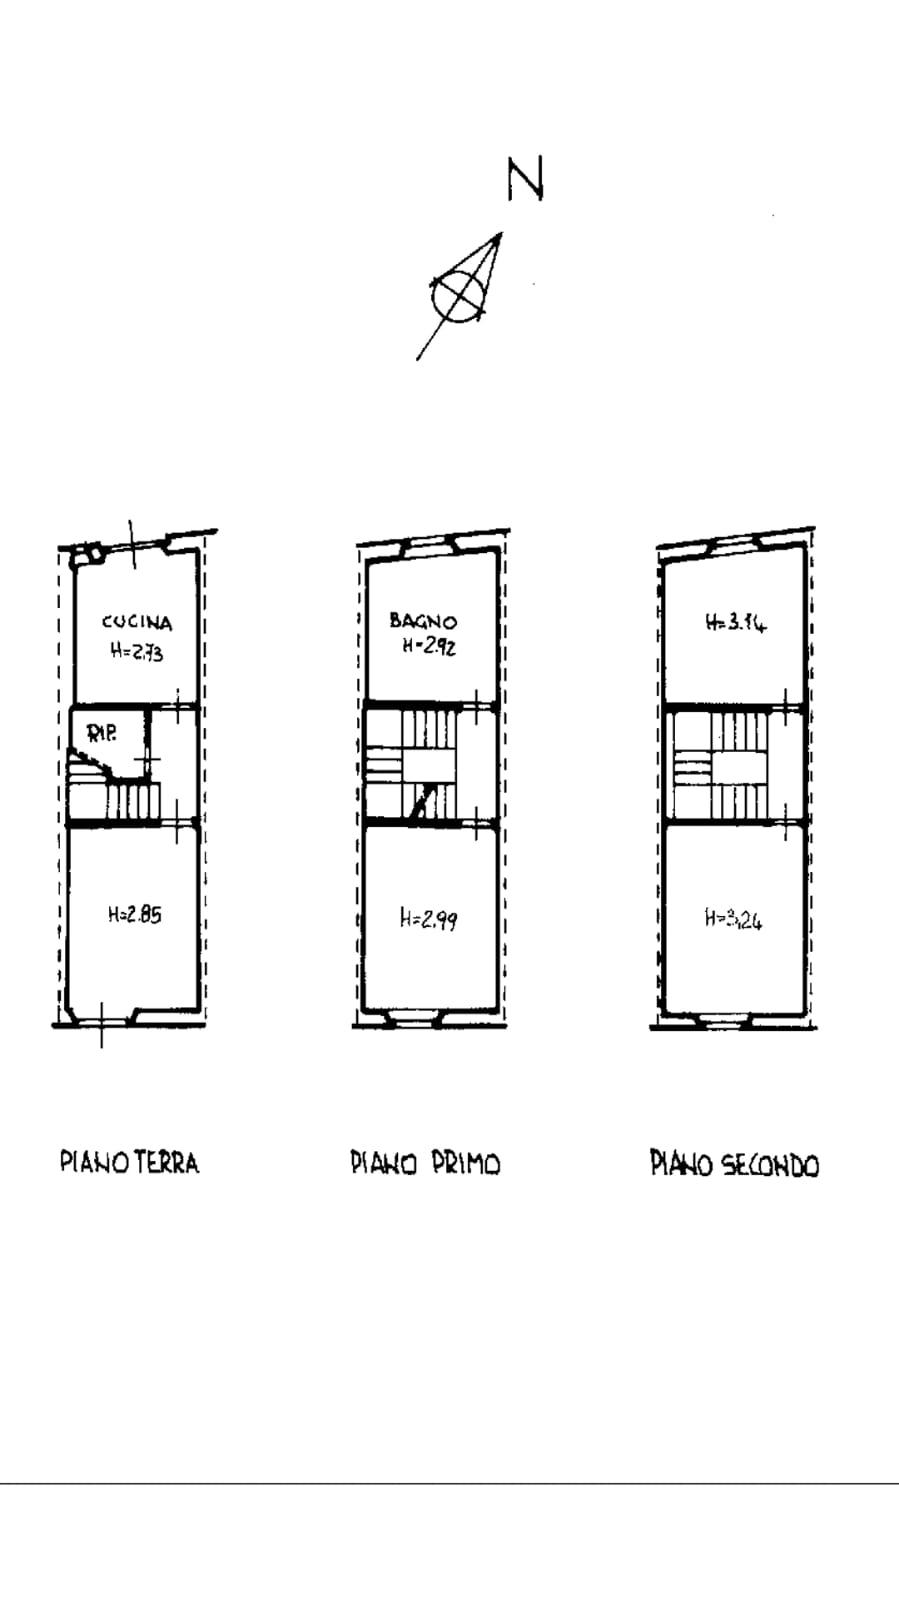 Planimetria 3/3 per rif. trc sdona 179